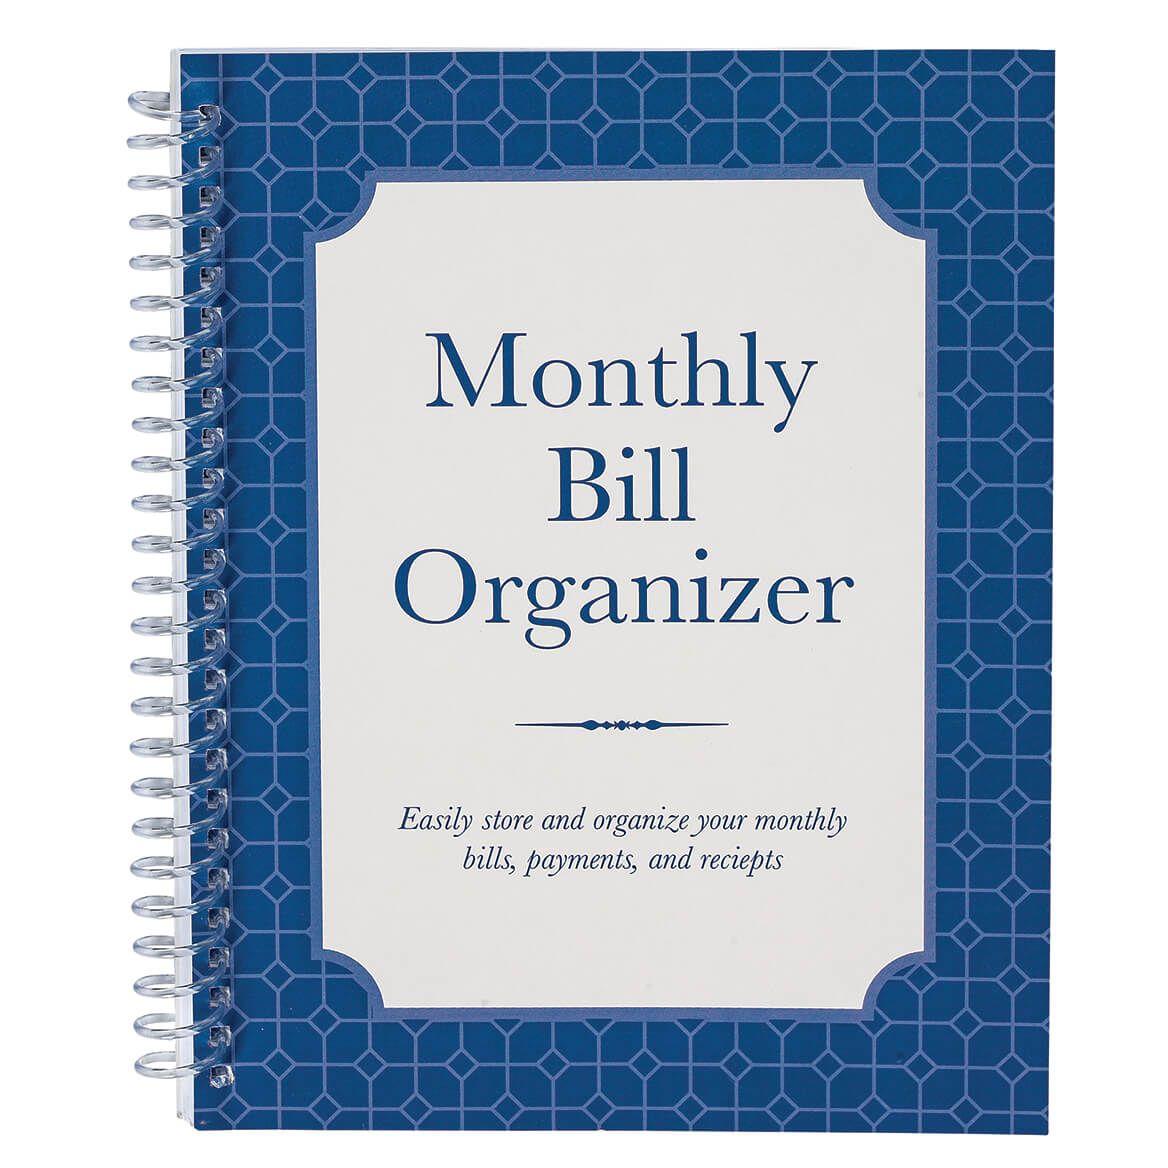 Monthly Bill Organizer-329662